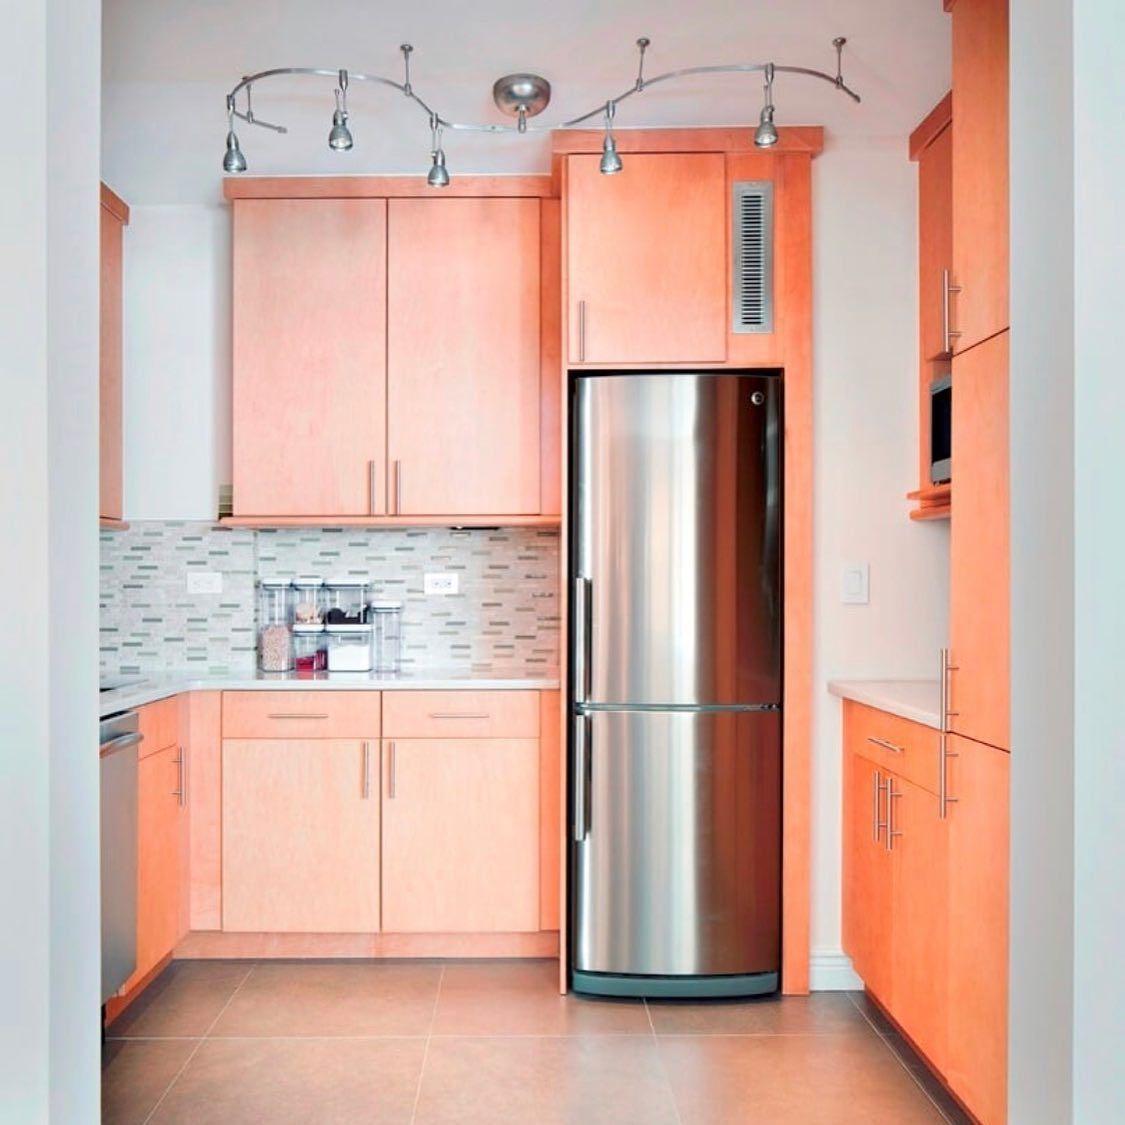 Groovy Peach Cabinets In 2020 Peach Kitchen Gorgeous Kitchens Kichen Cabinets